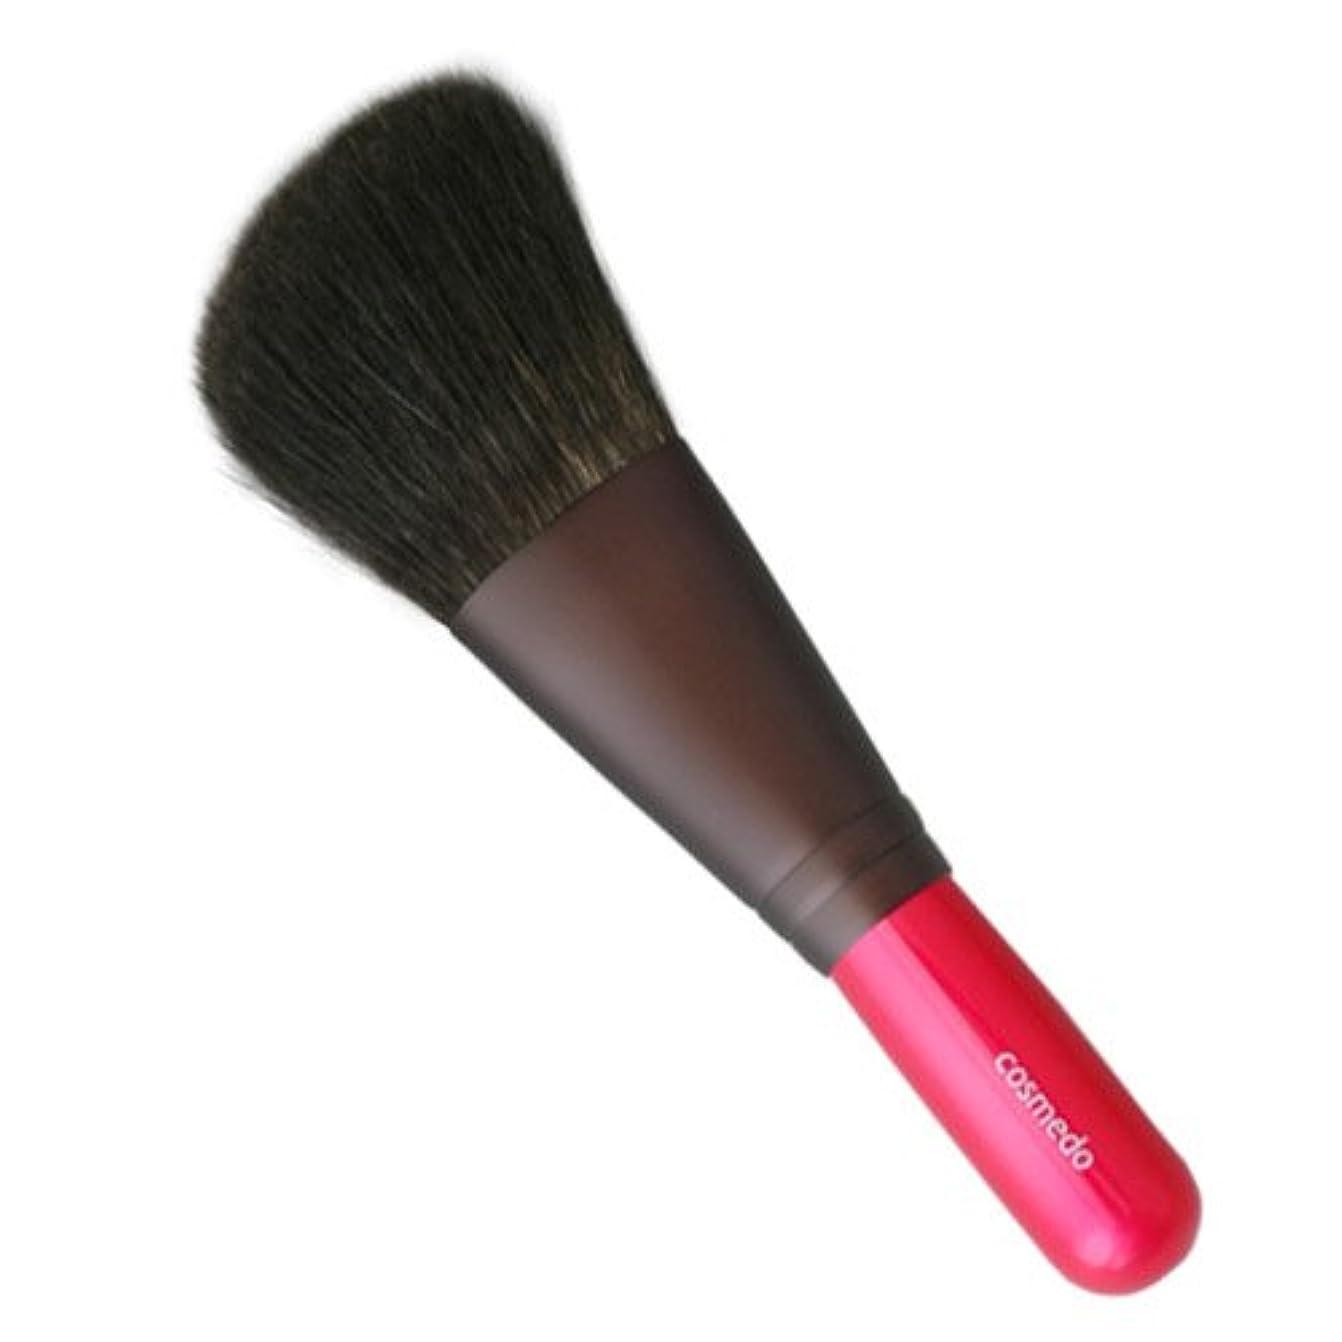 罪人夕食を食べる夕食を作る匠の化粧筆コスメ堂 熊野筆 メイクブラシ 灰リス100% ナナメ フェイスブラシ(パウダーブラシ)日本製 ショートタイプ PK-F01